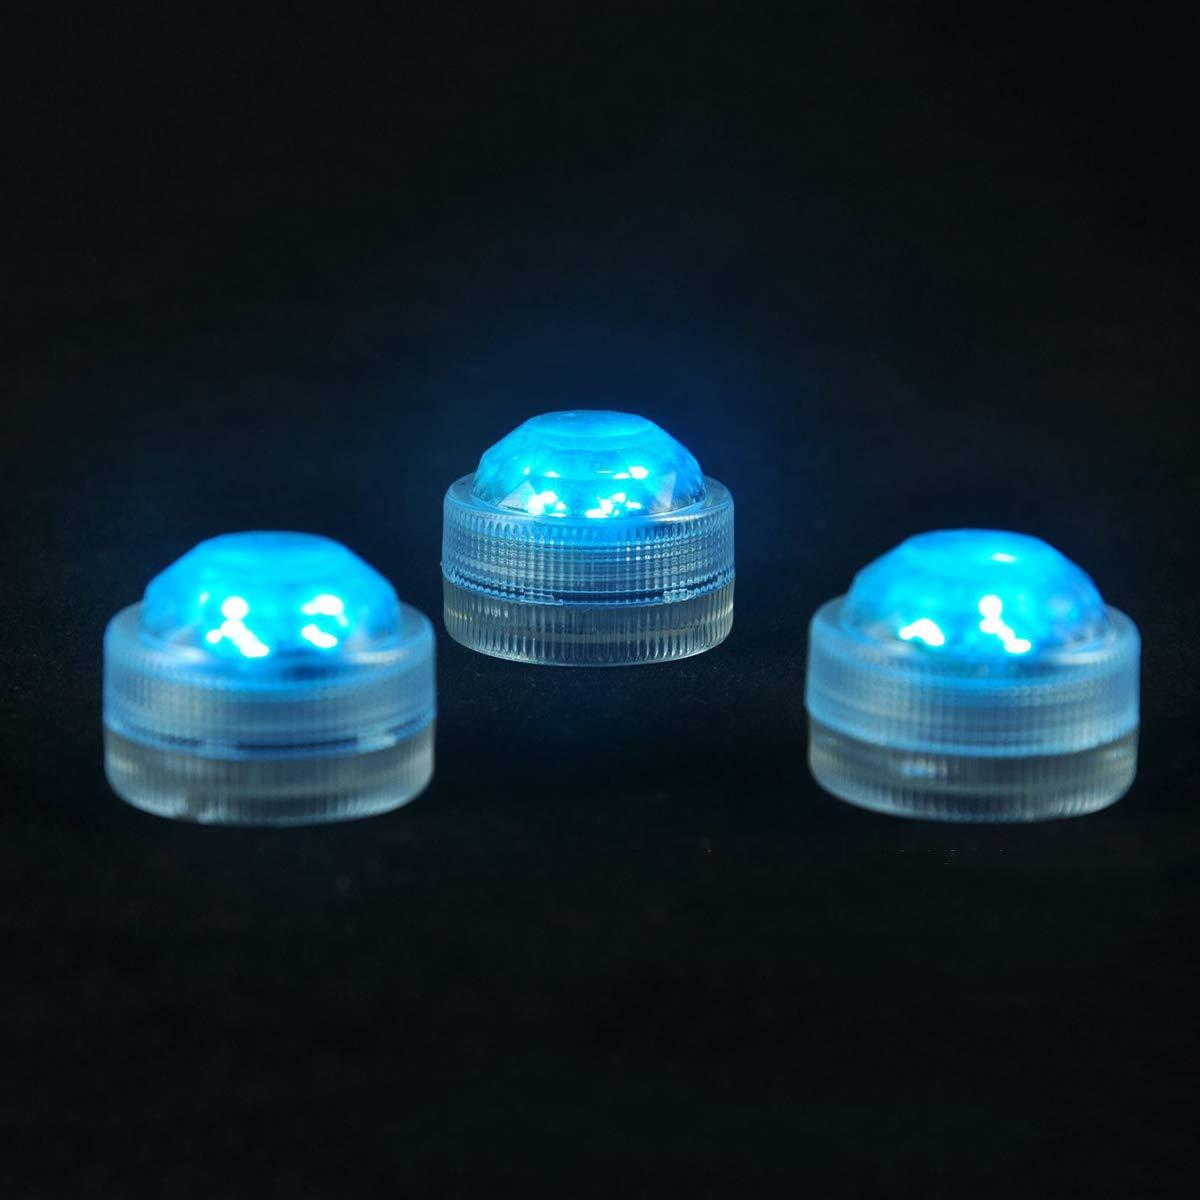 Luces sumergibles sumergibles impermeables de la bater/ía LED del t/é de la boda de 10pcs sub submarinas con el regulador